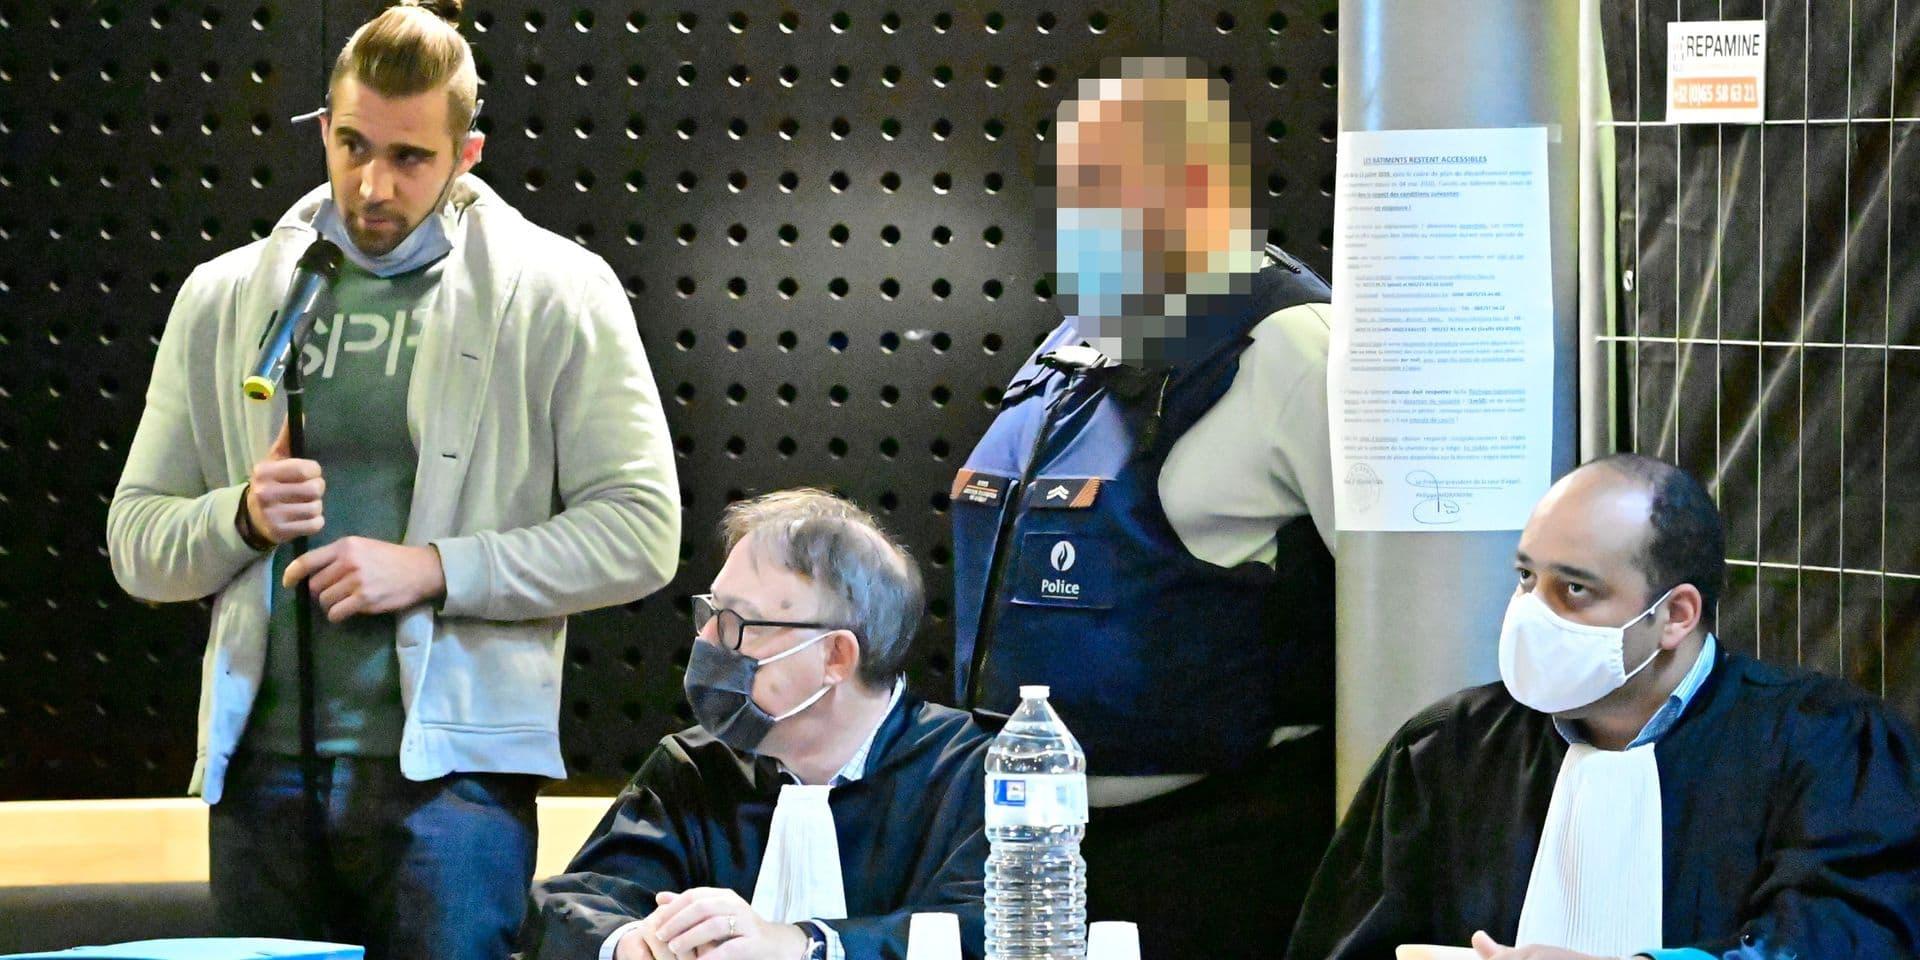 """Meurtre de Muriel Bauduin : """"J'étais perdu, j'ai fait n'importe quoi"""", déclare l'accusé"""